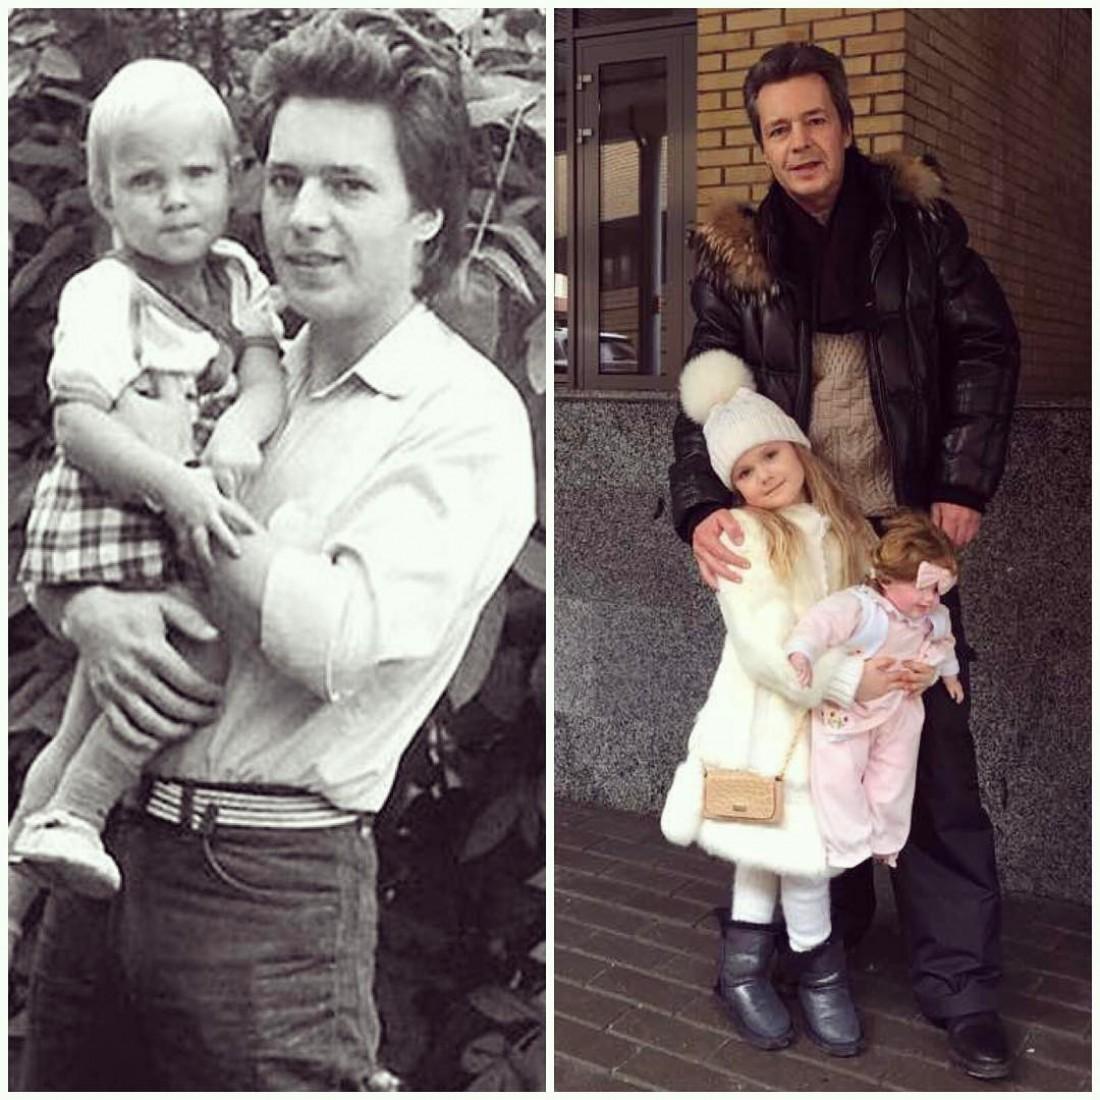 Слева: Глюкоза и ее отец. Справа: Отец Глюкозы и ее дочь